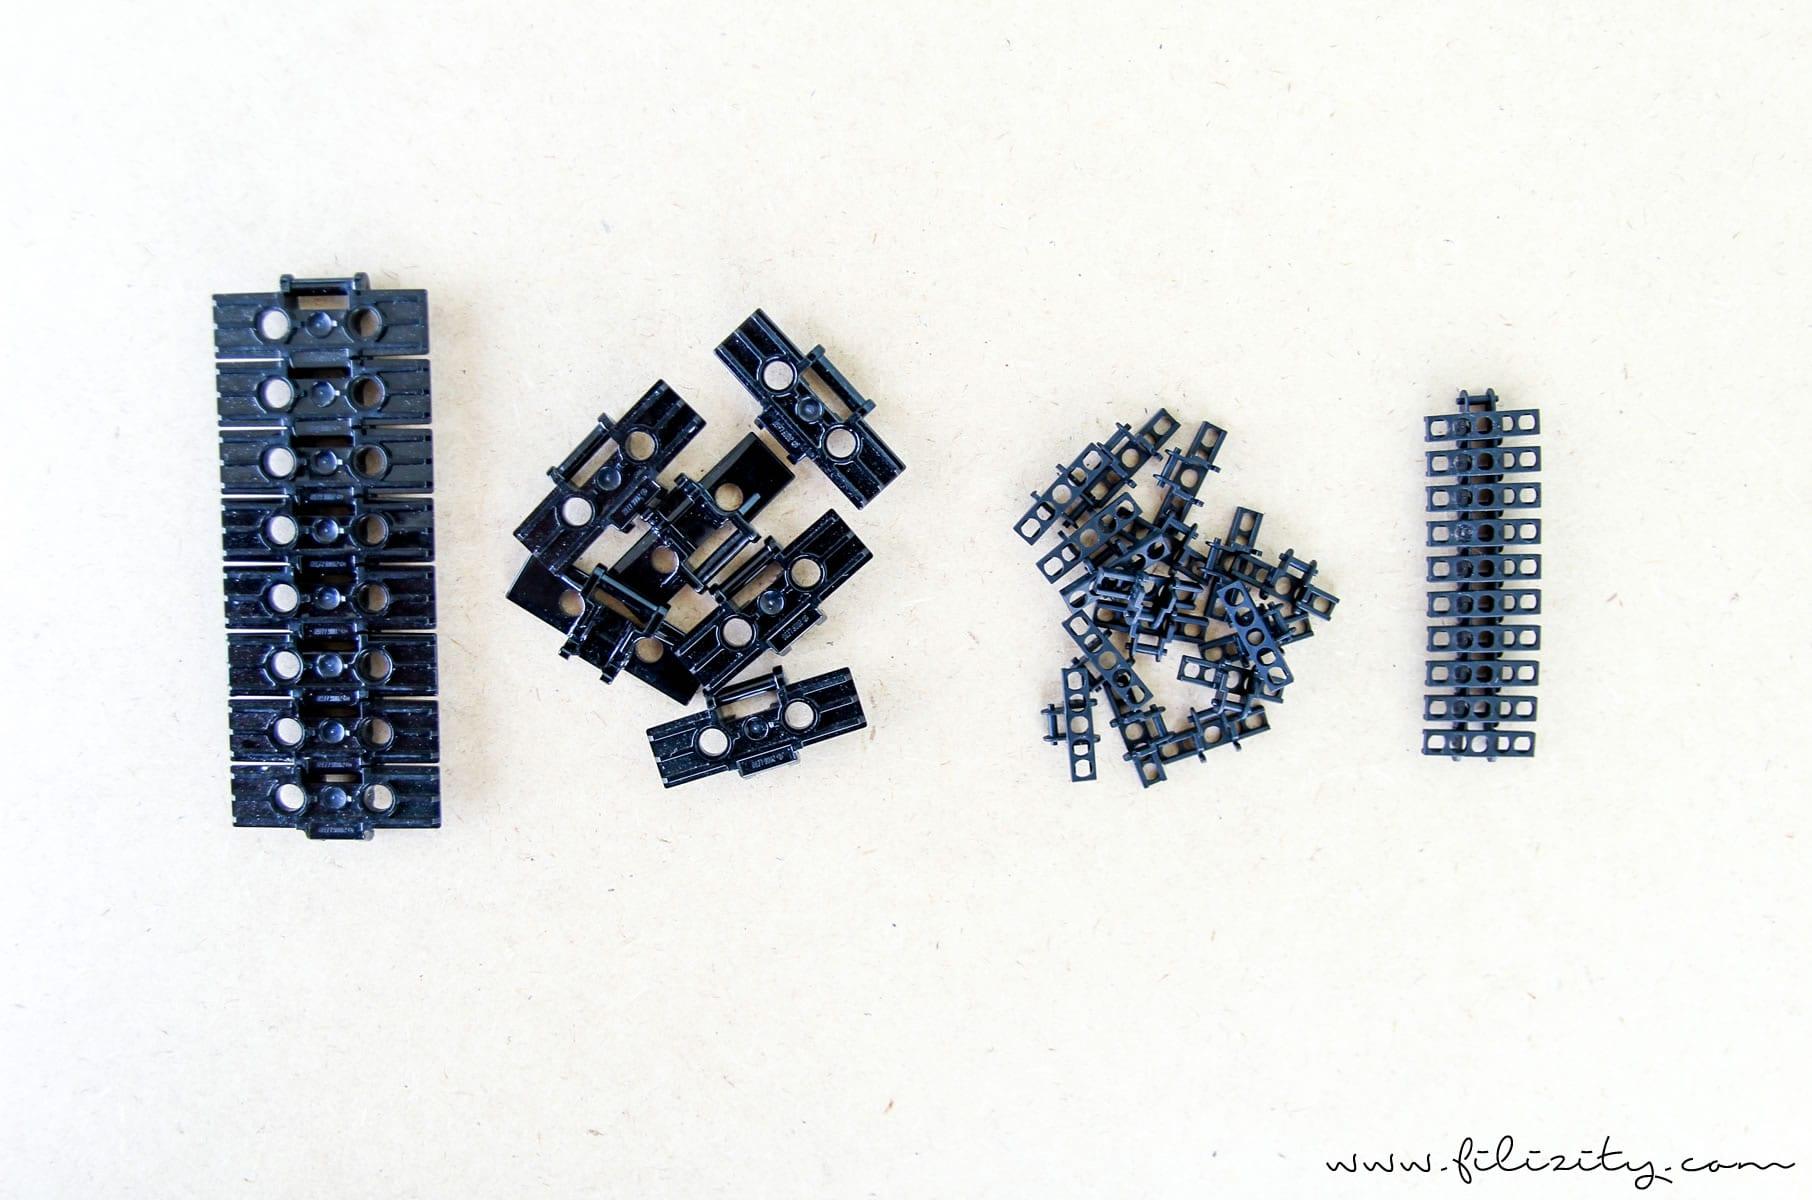 DIY Schmuck: Eleganter Armreif aus Lego-Panzerkette - Material